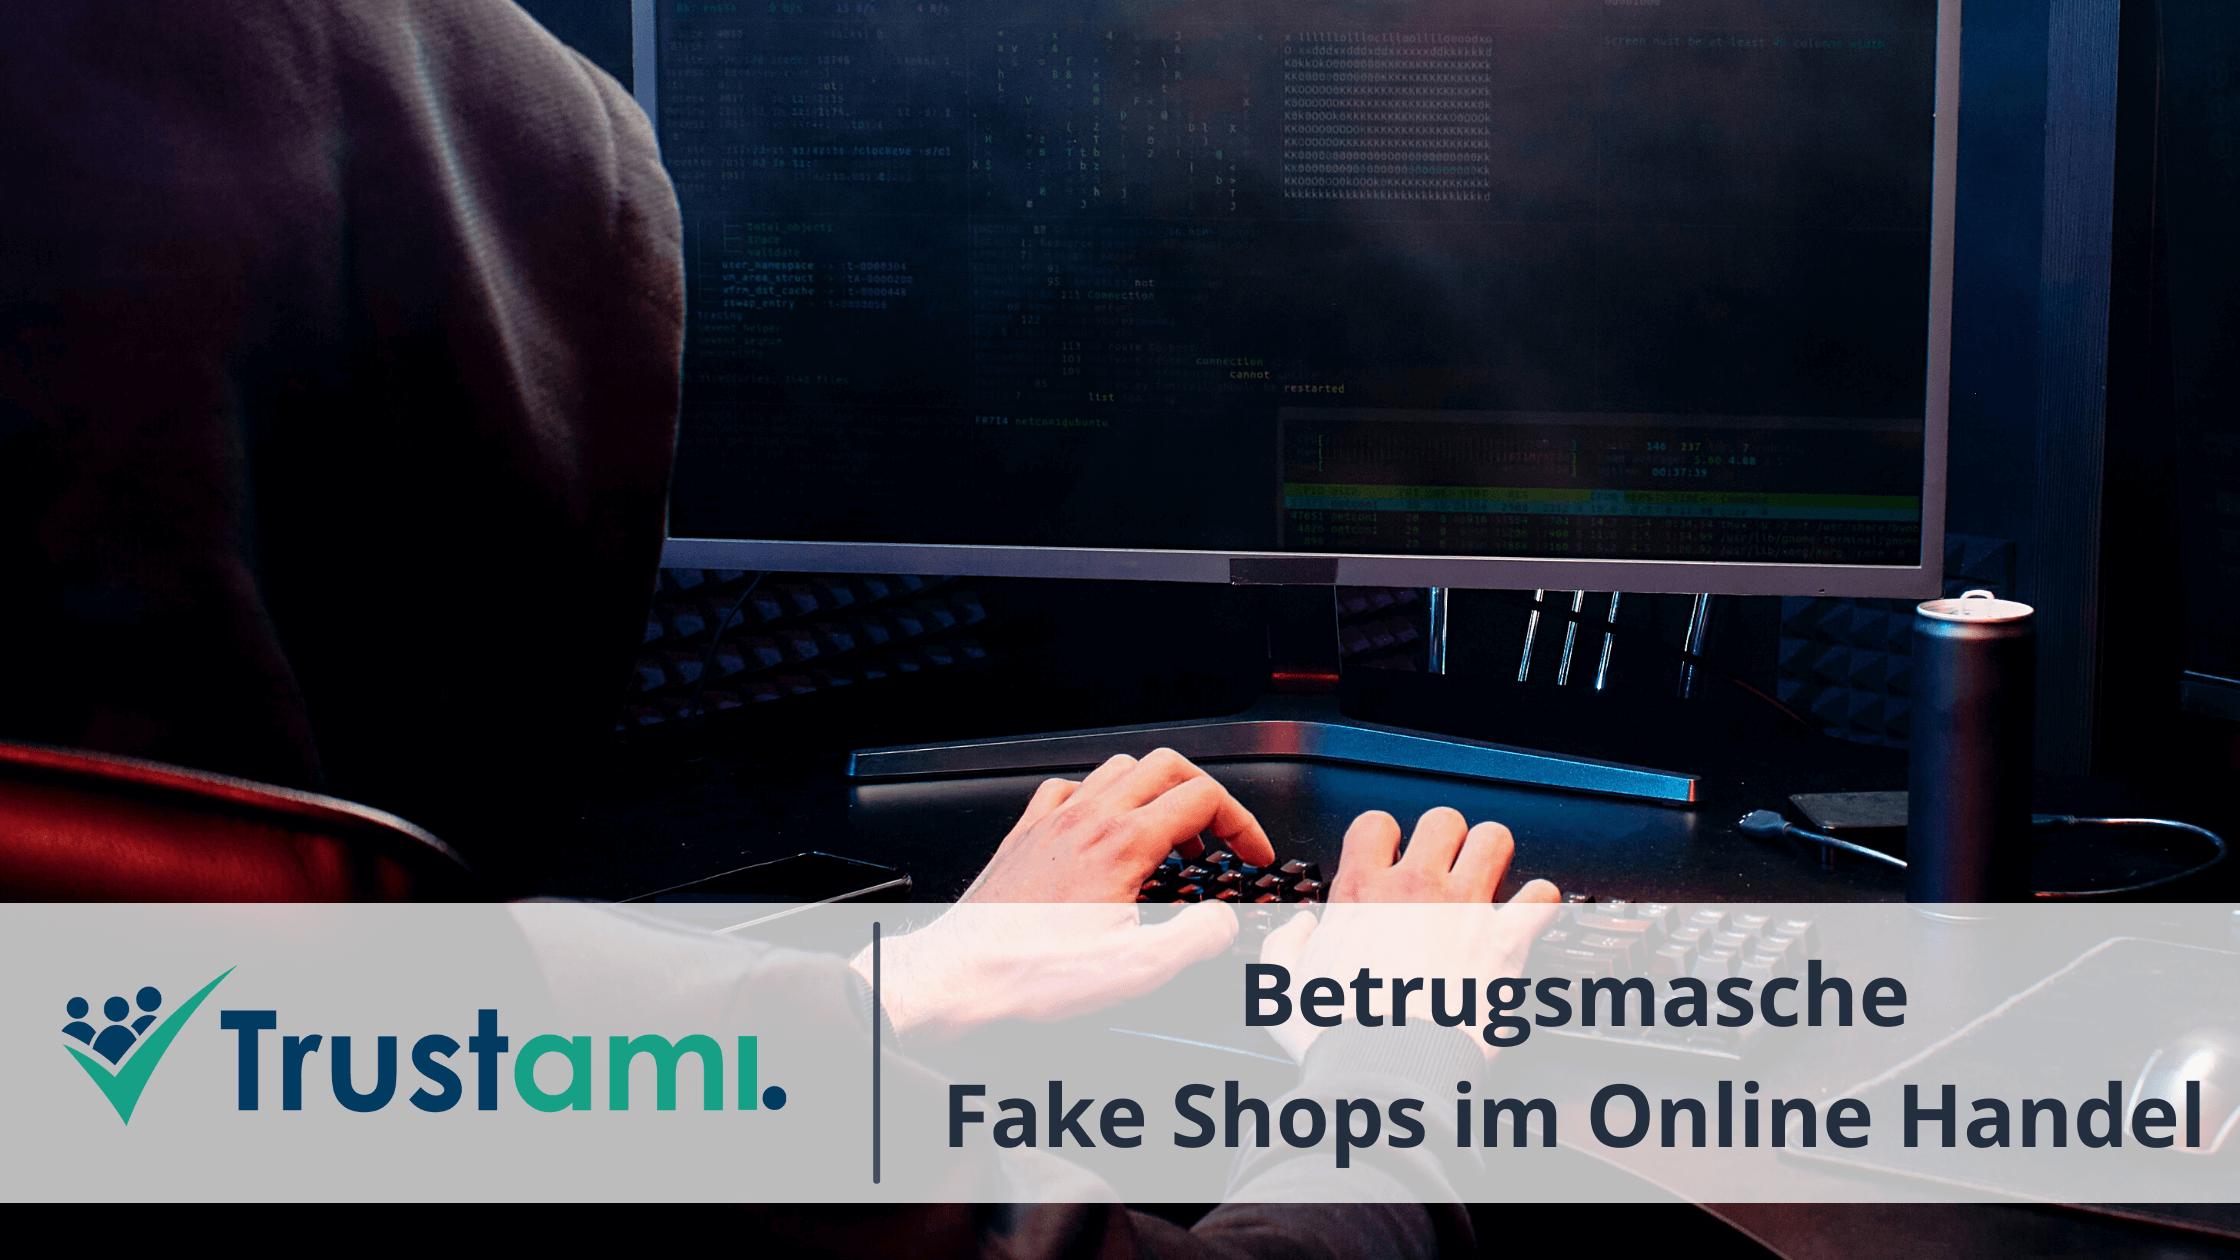 Betrugsmasche mit Fake Shops